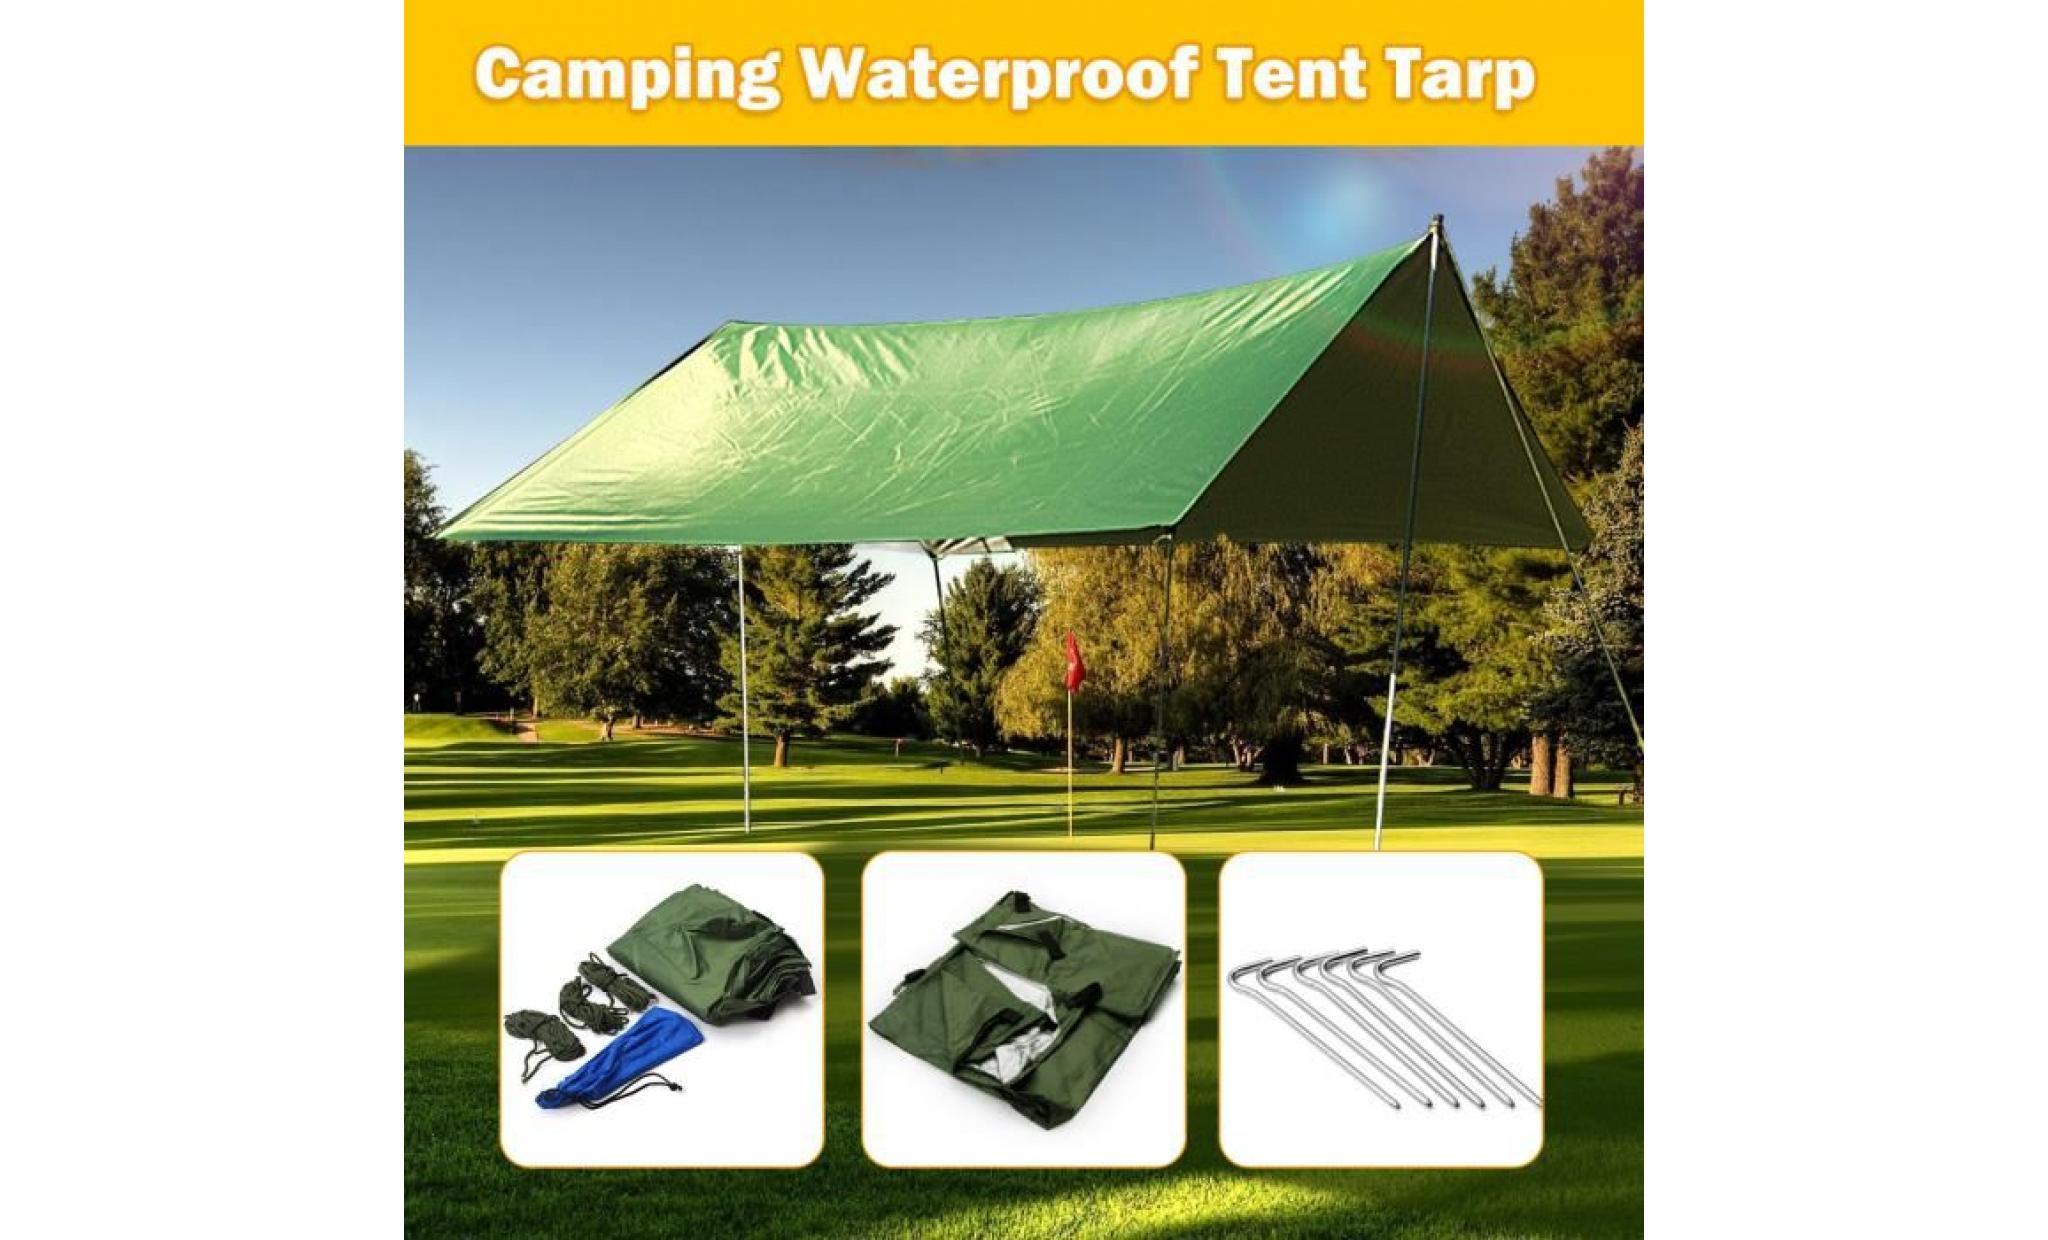 tempsa 3x3m toile solaire ombrage bache pluie tarp pr tente camping auvent etanche achat vente voile ombrage pas cher coindujardin com